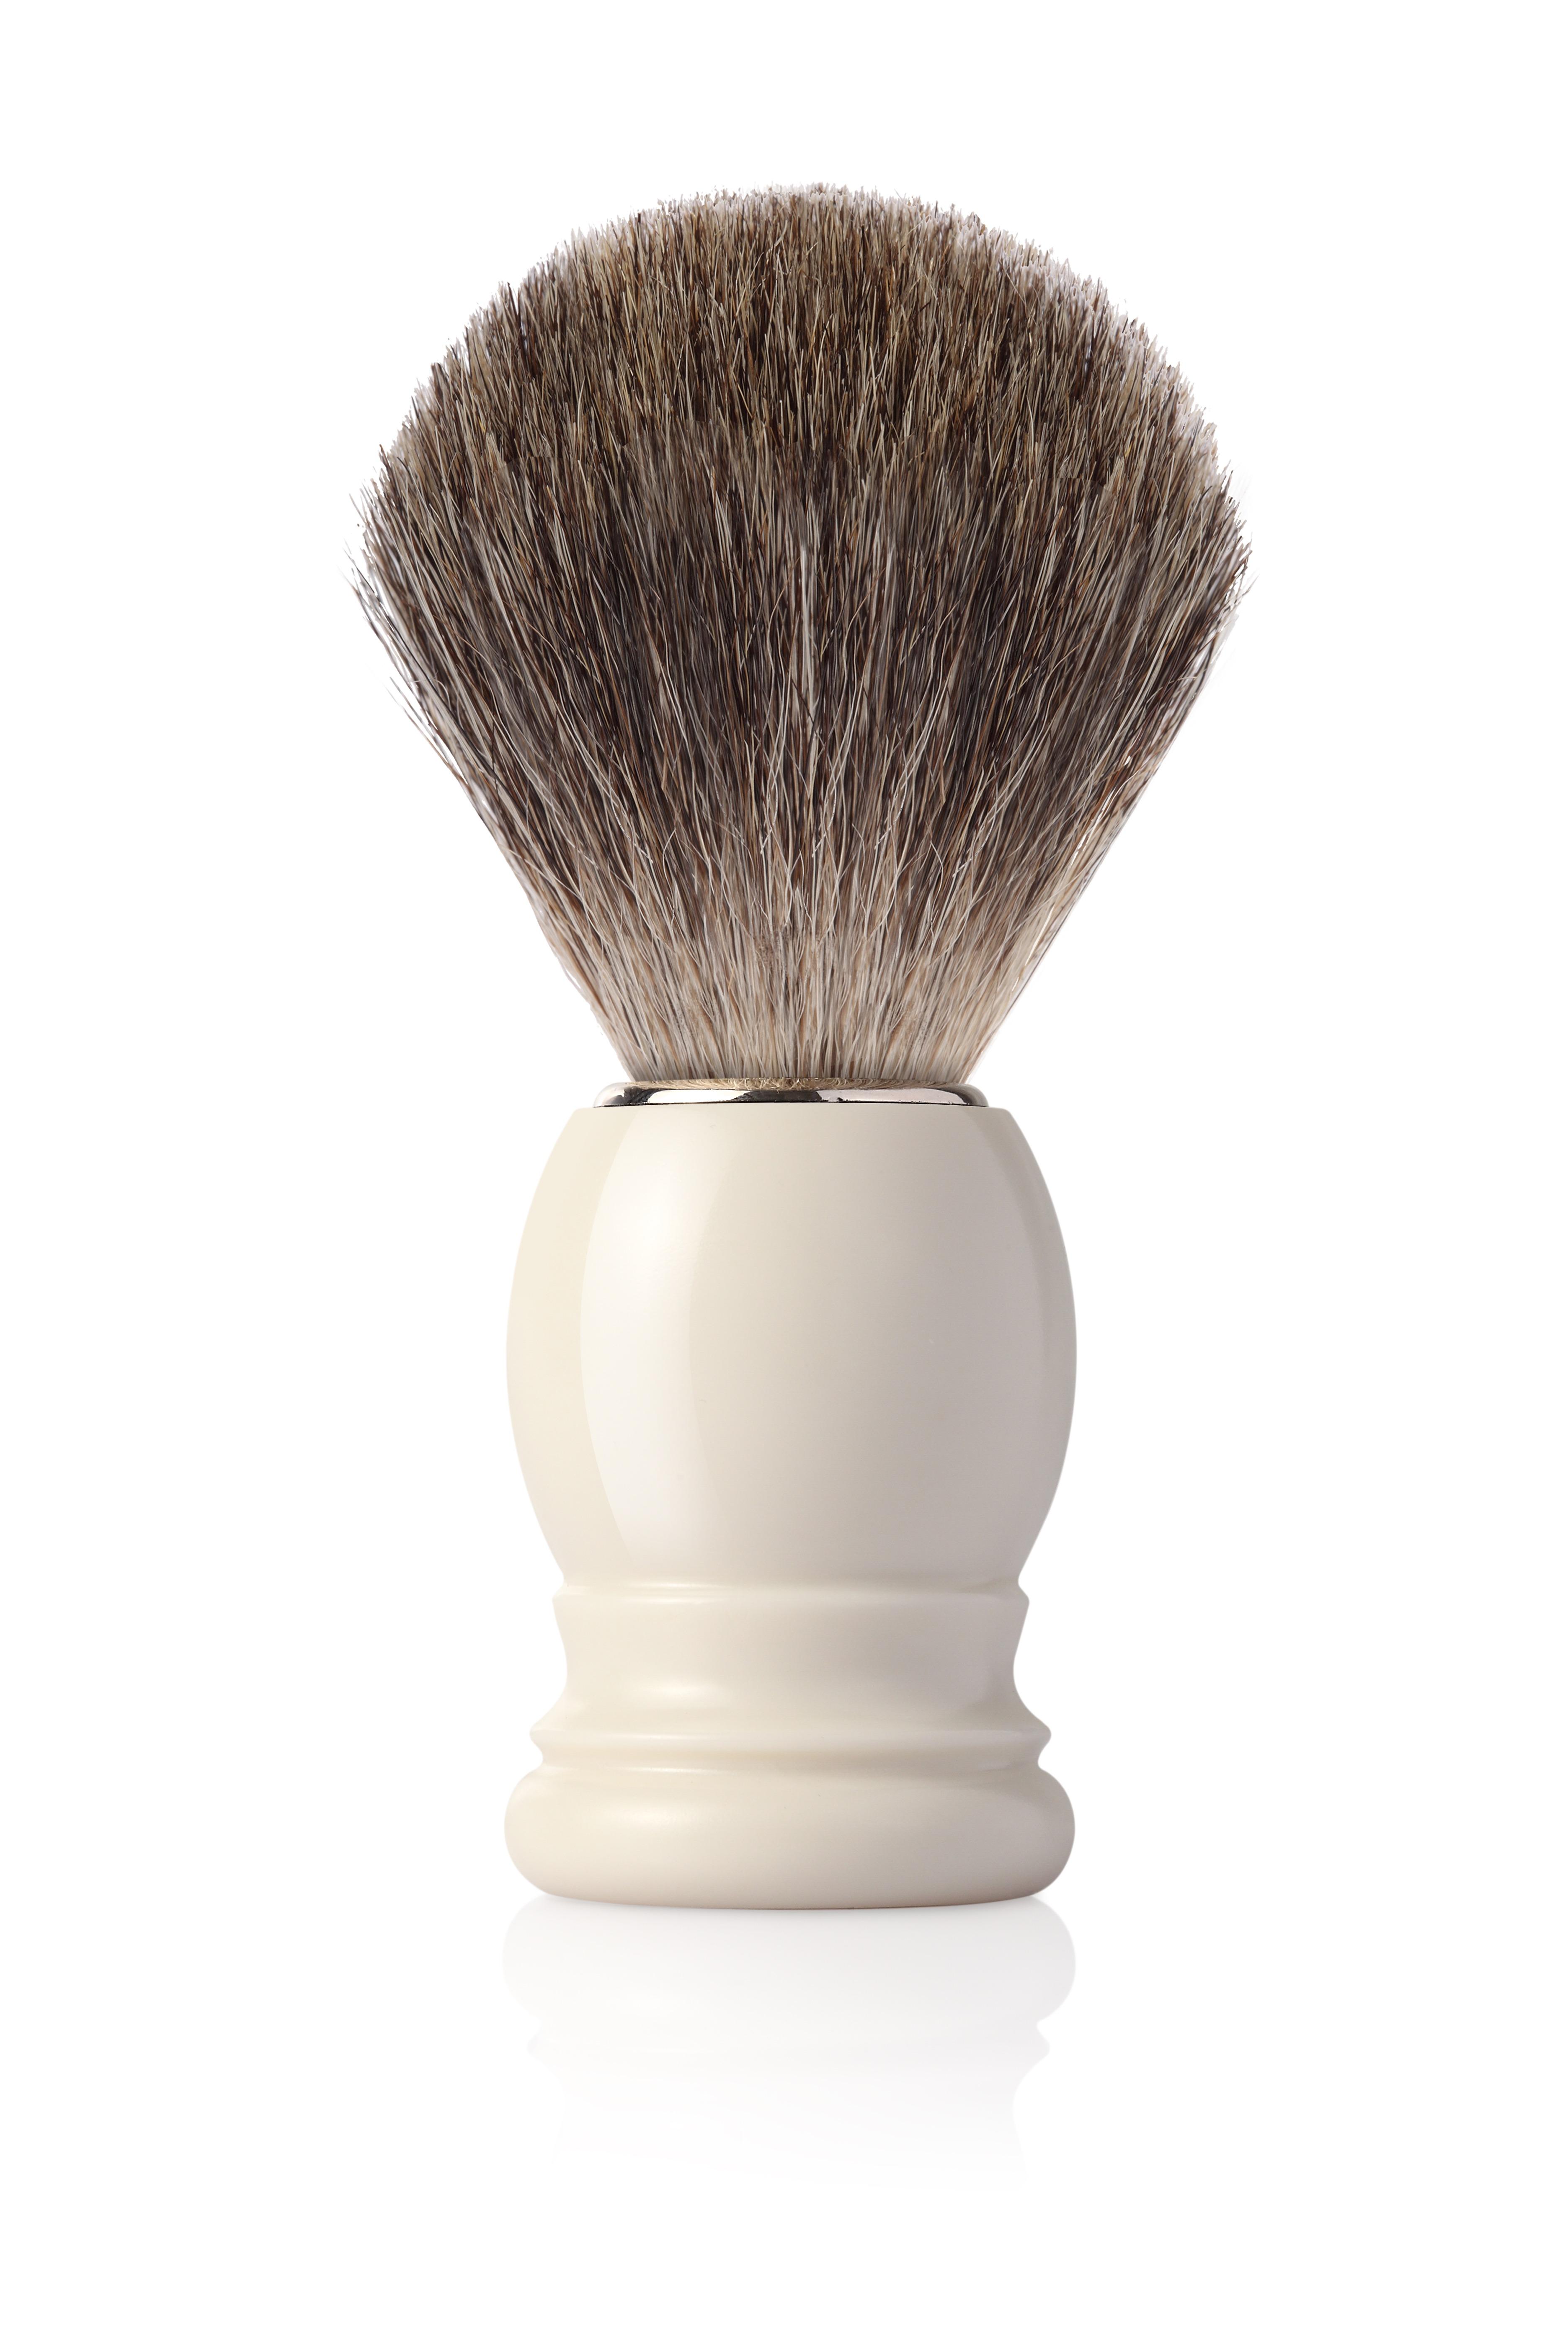 Четка за бръснене с естествен косъм от язовец (FINE BADGER) с дръжка цвят слонова кост